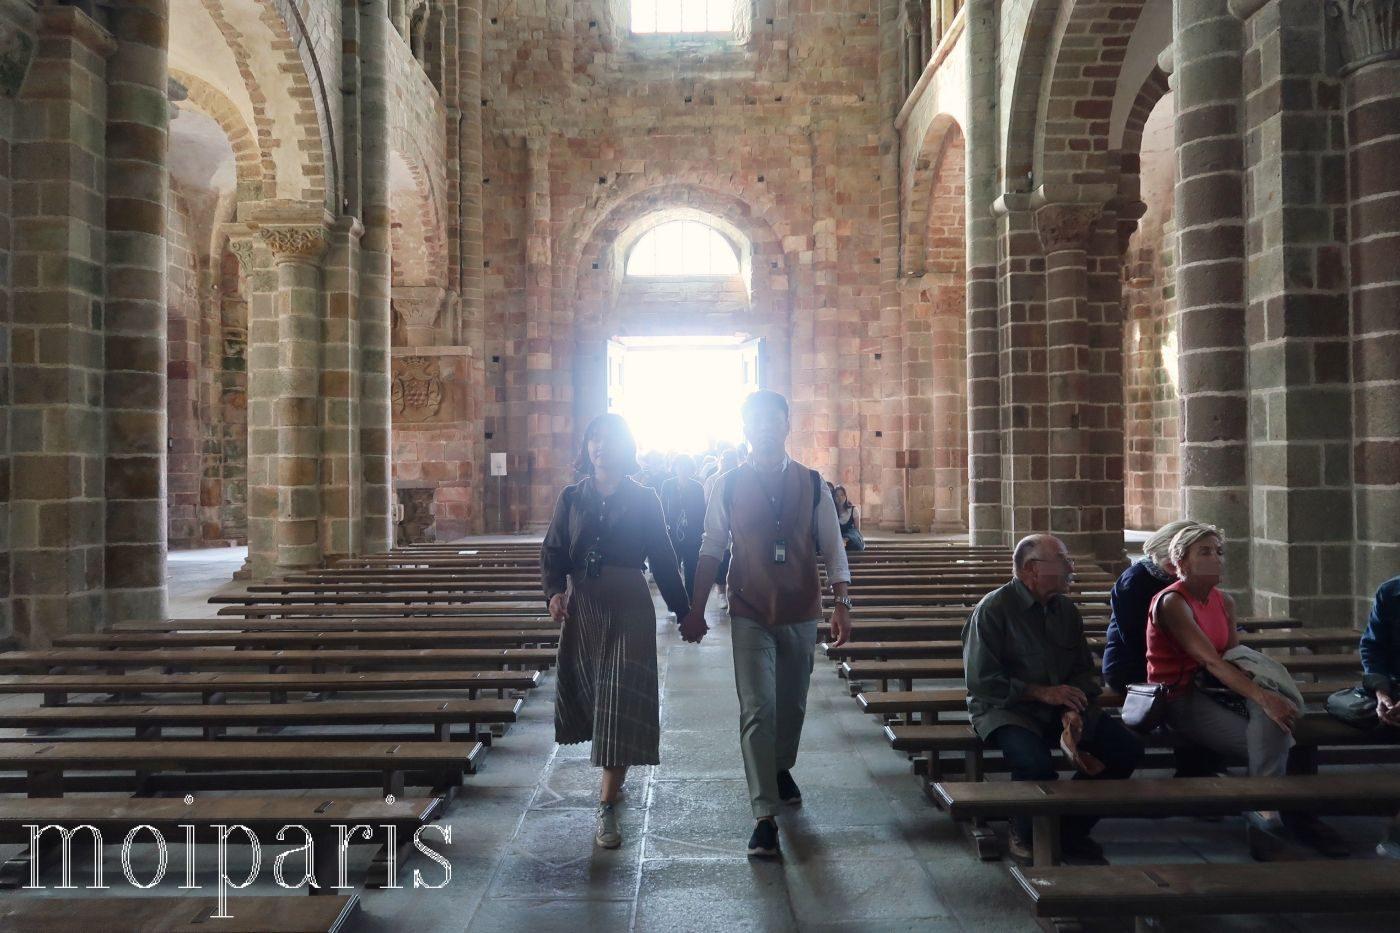 モンサンミッシェル、修道院、ロマネスク様式、フランボアイヤン様式。